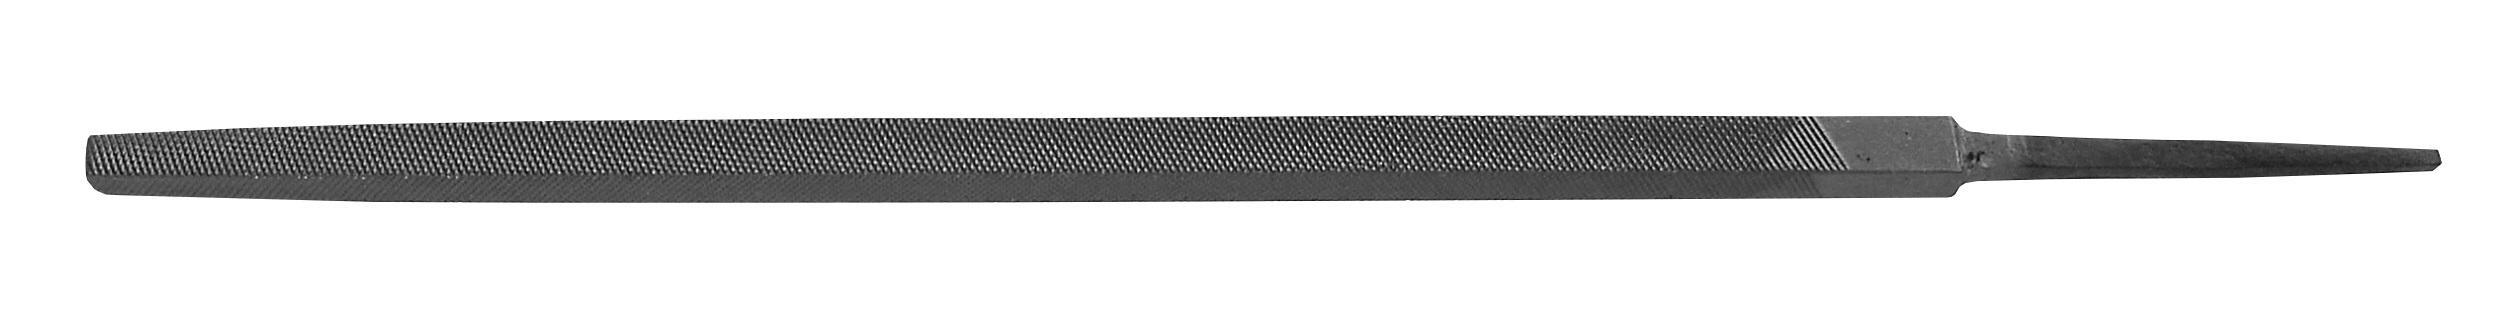 Напильник Berger Bg1156 напильник berger плоский с рукояткой 200 мм bg1150